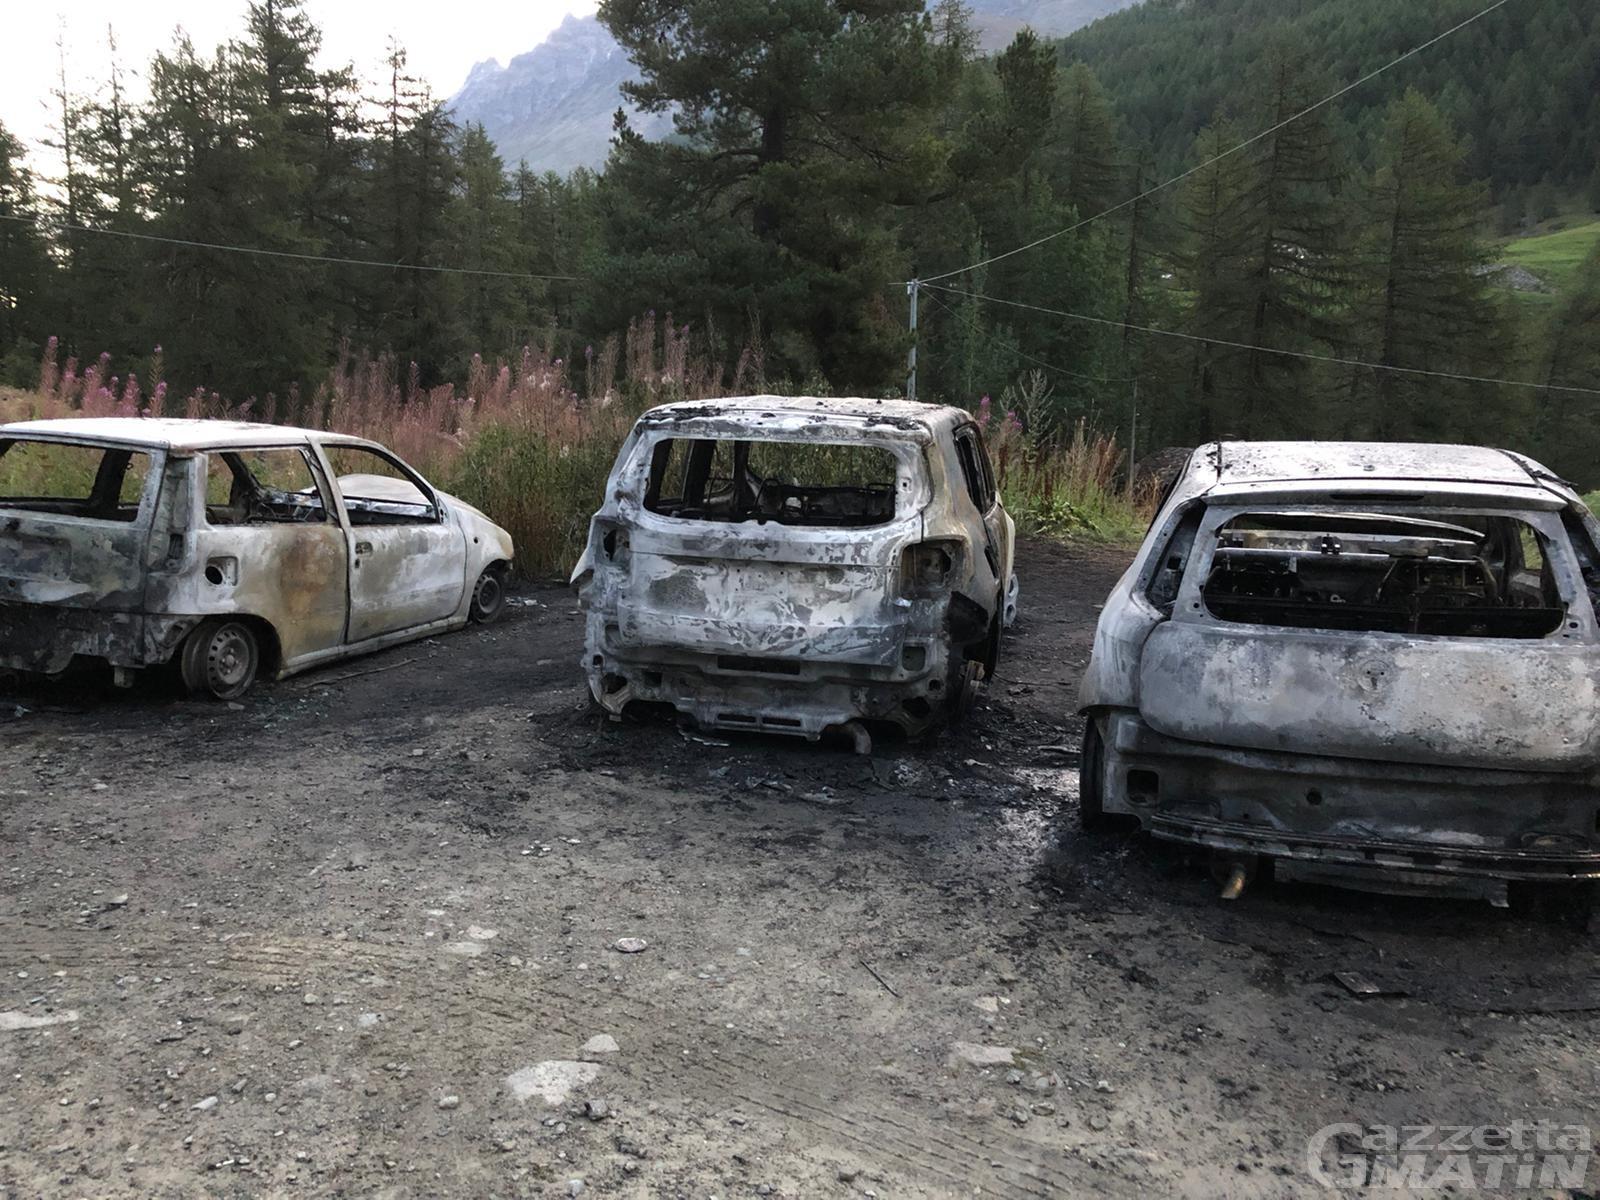 Rhemes-Notre-Dame: rogo nella notte, 3 auto distrutte dalle fiamme